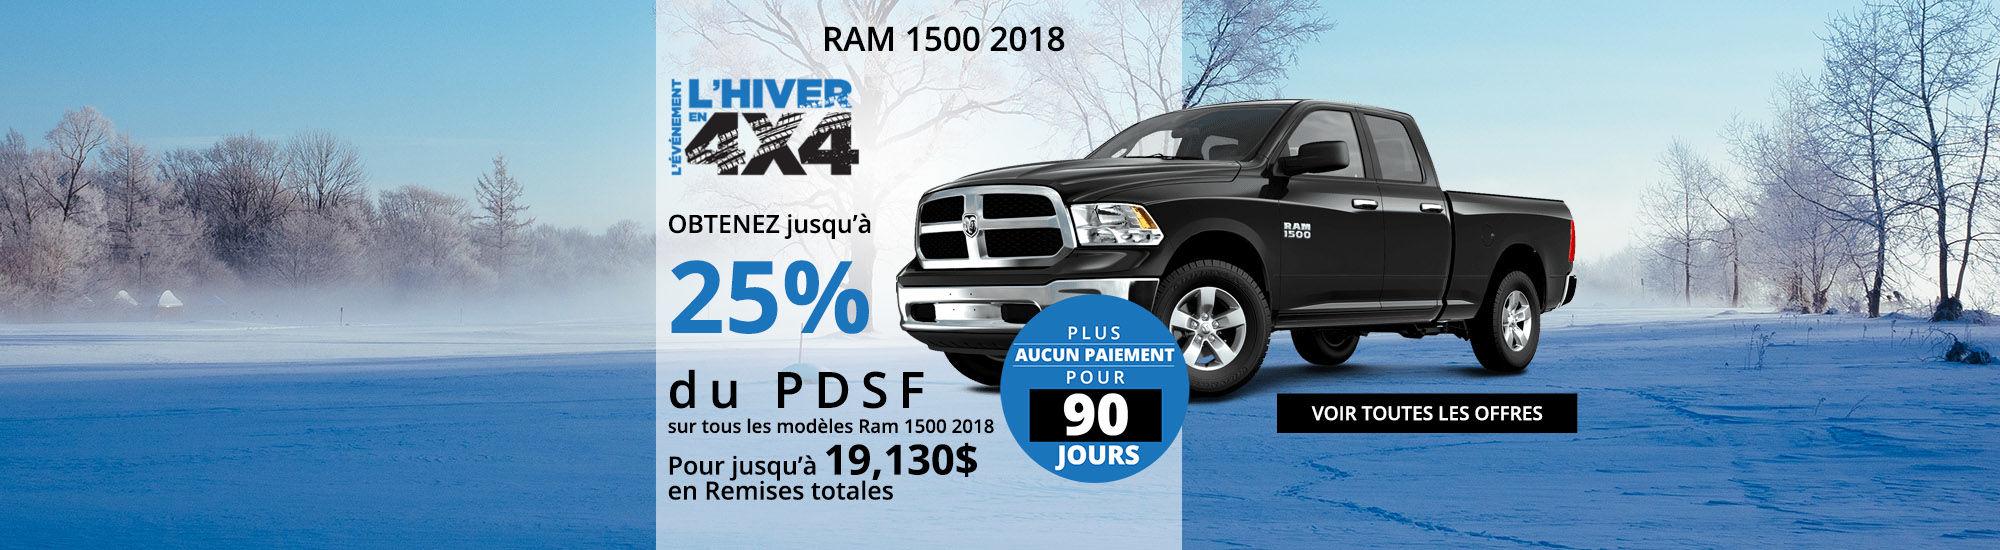 Ram 2018 offre